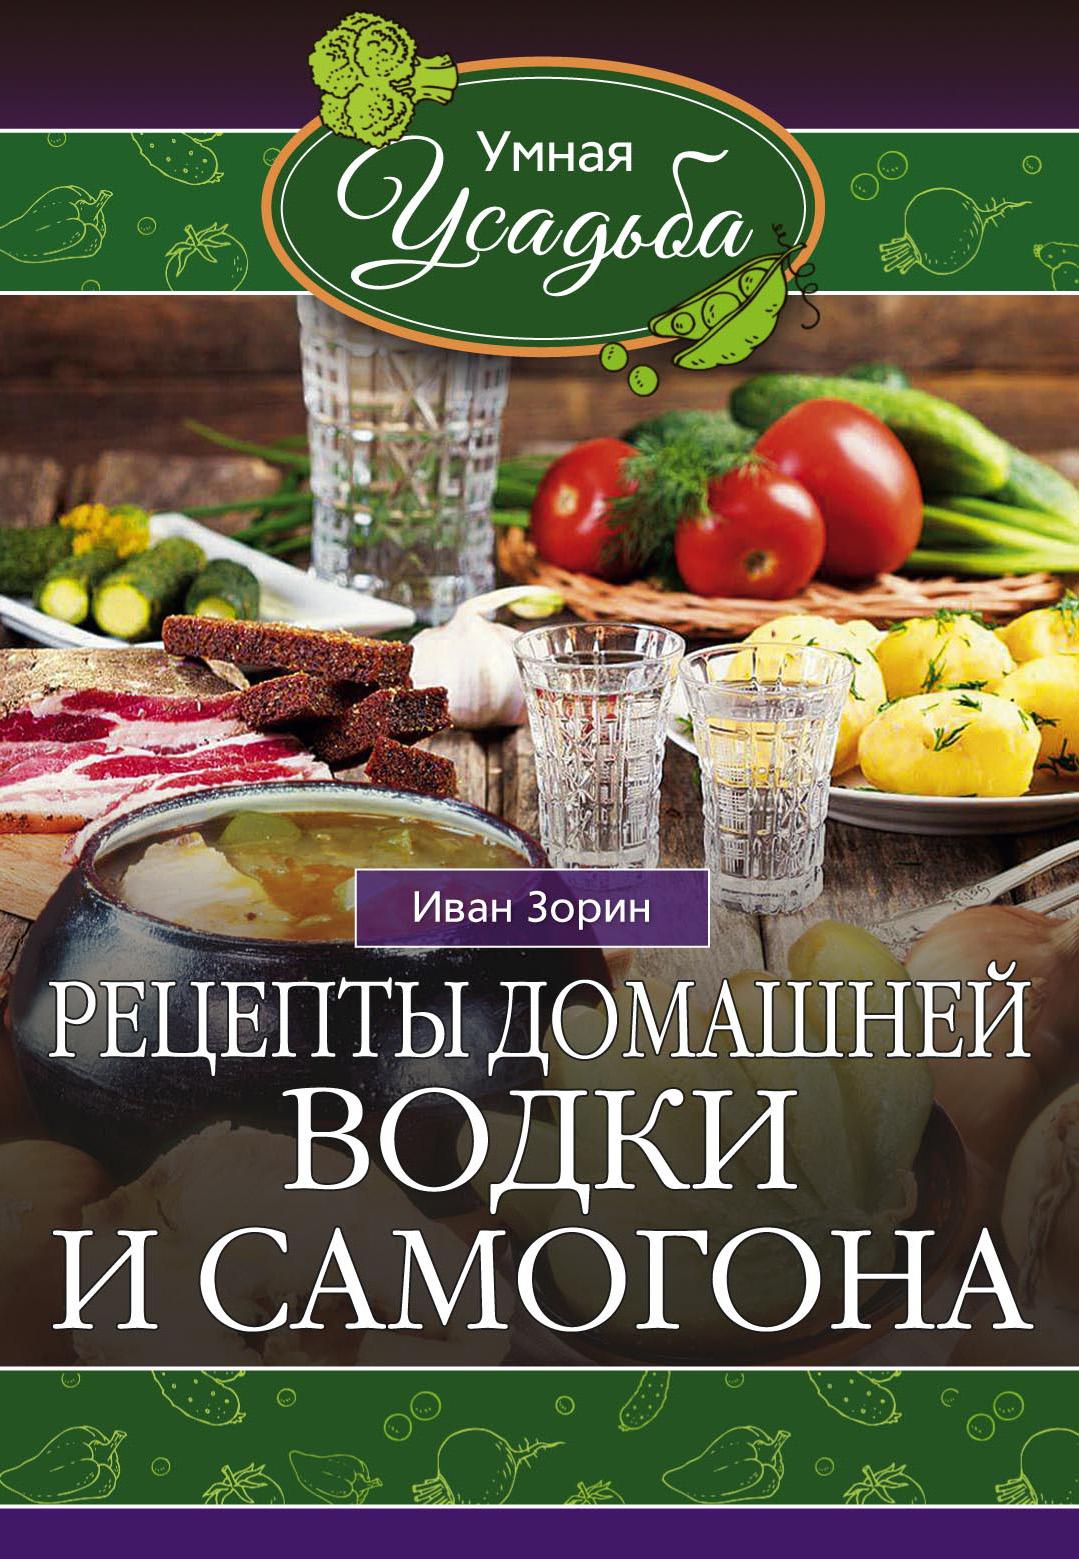 Иван Зорин Рецепты домашней водки и самогона